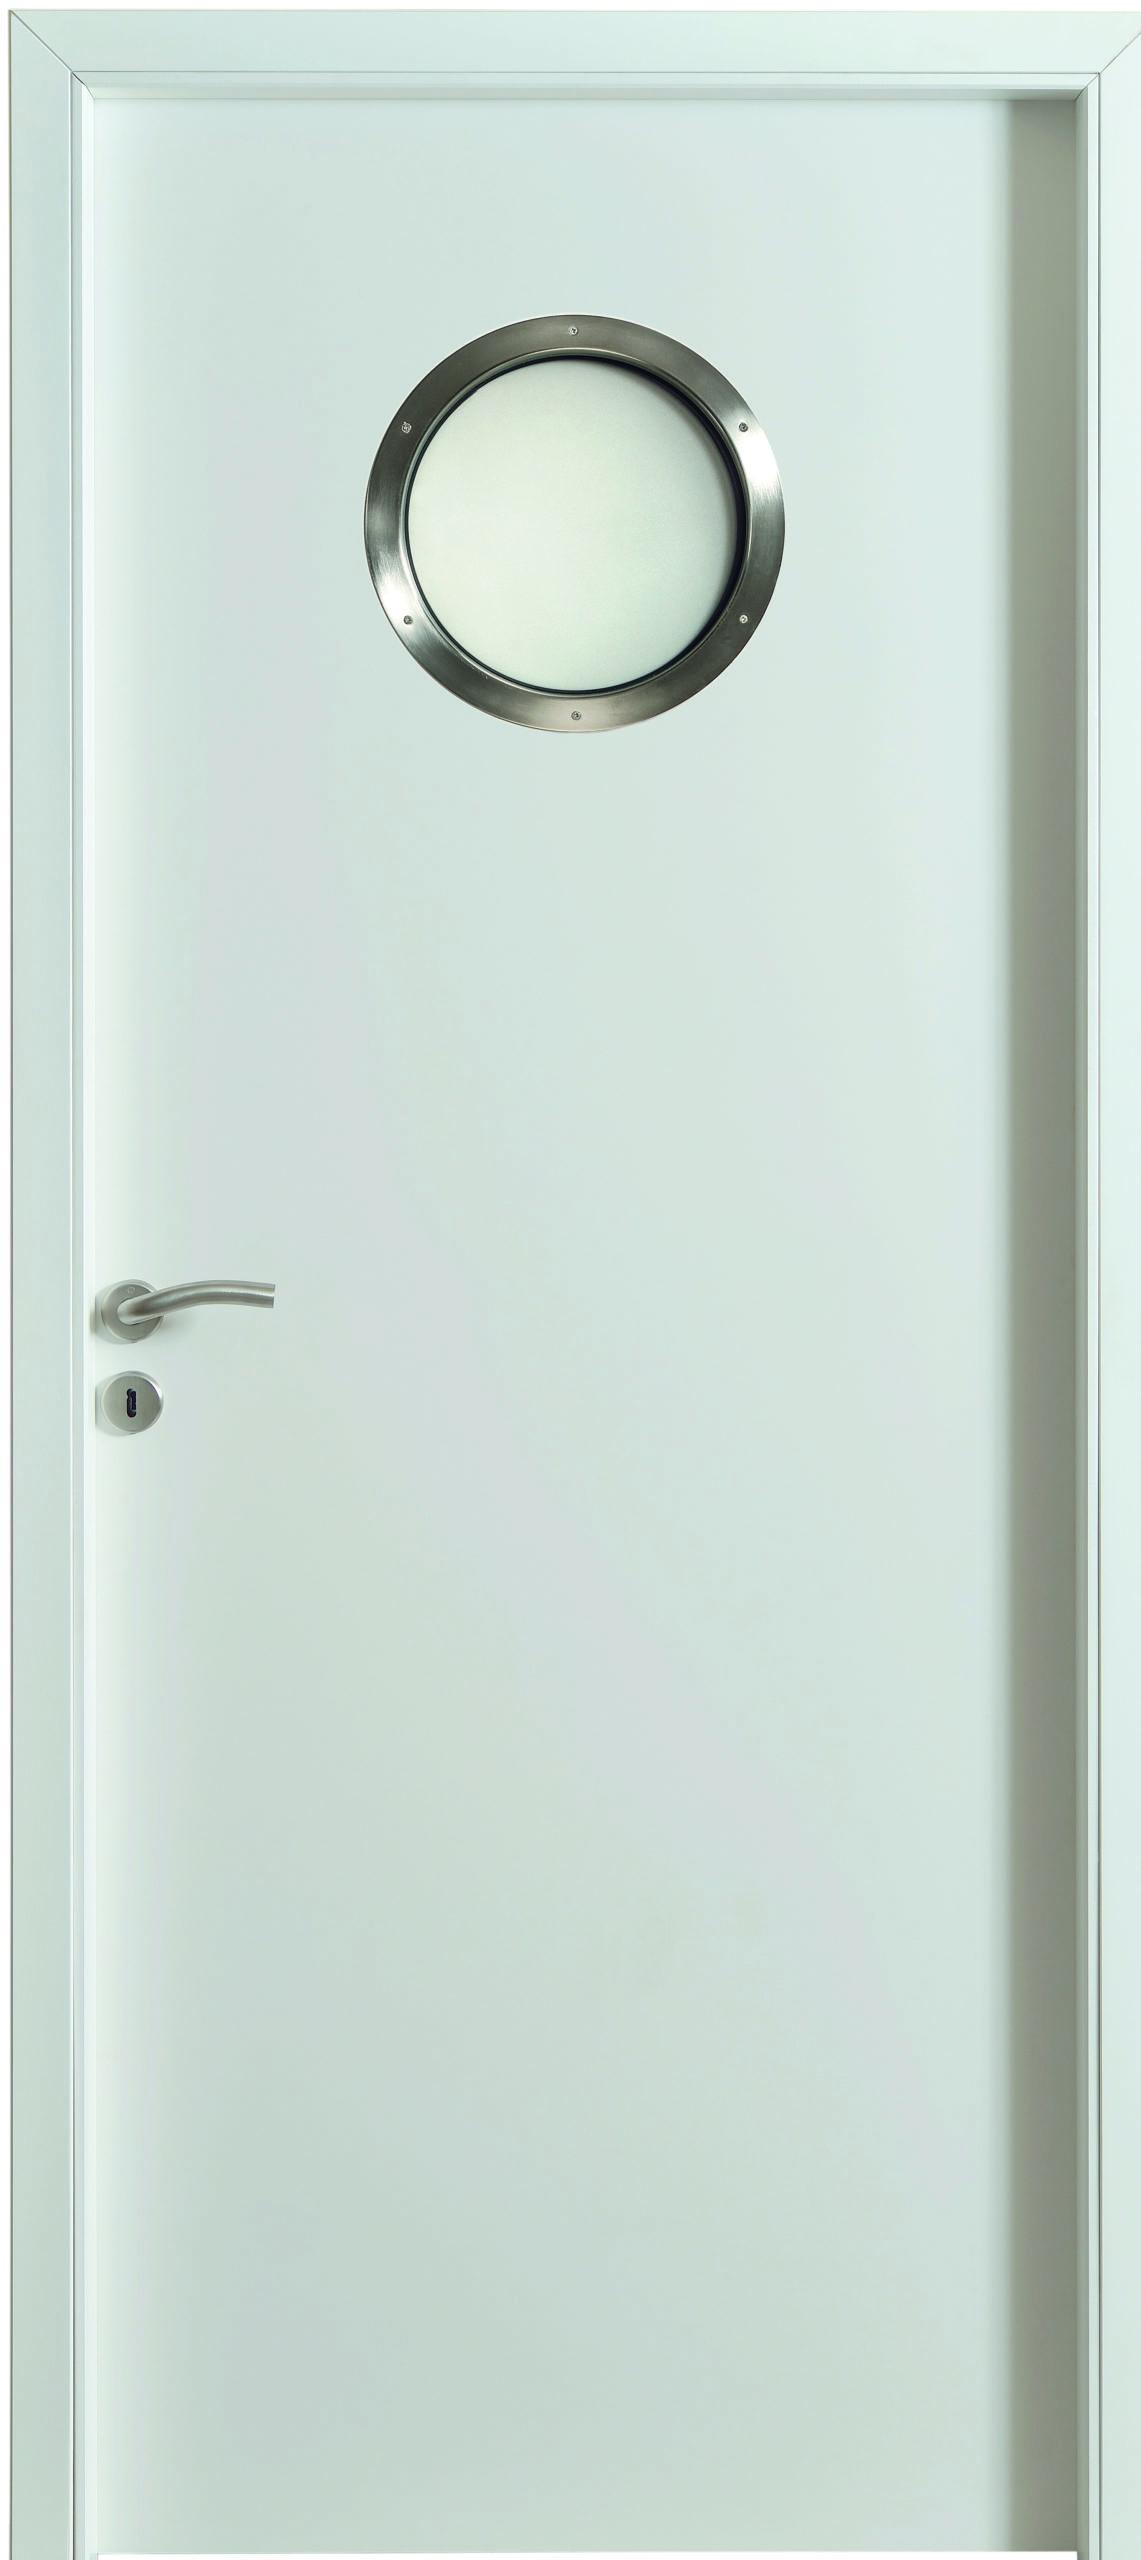 Porte d'intérieur blanche